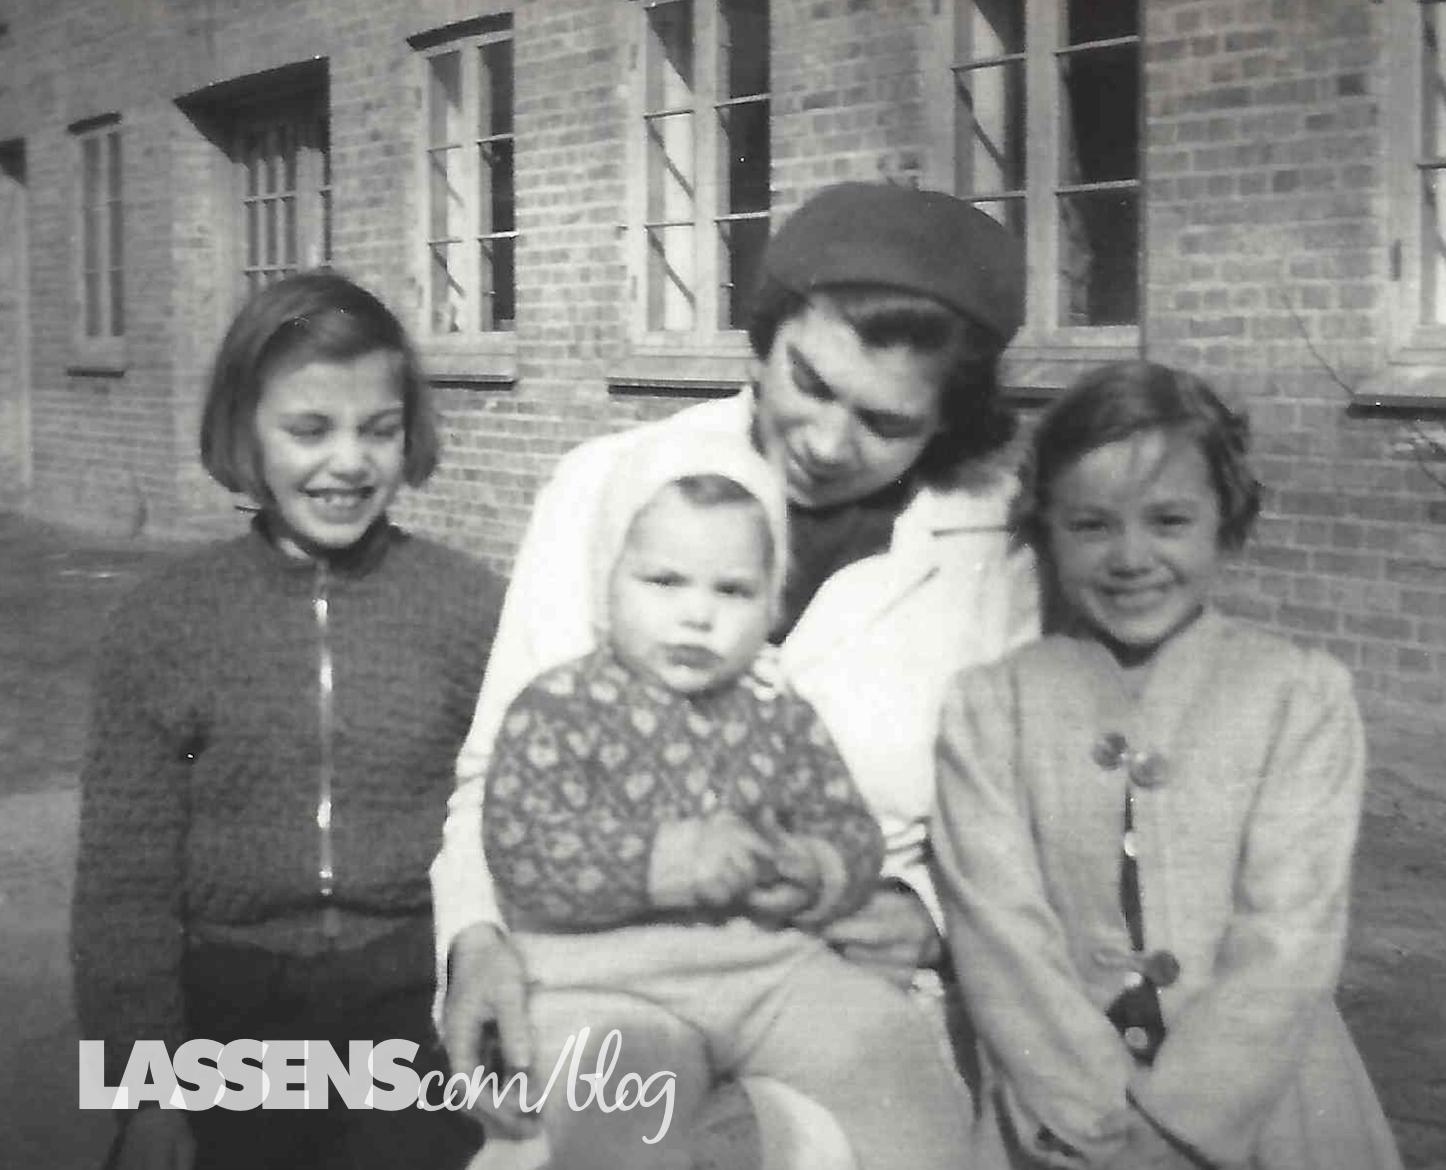 Oda+Lassen, Hilmar+Lassen, Lassen's+Origin+story, Lassens+origin+story, immigration+from+Denmark